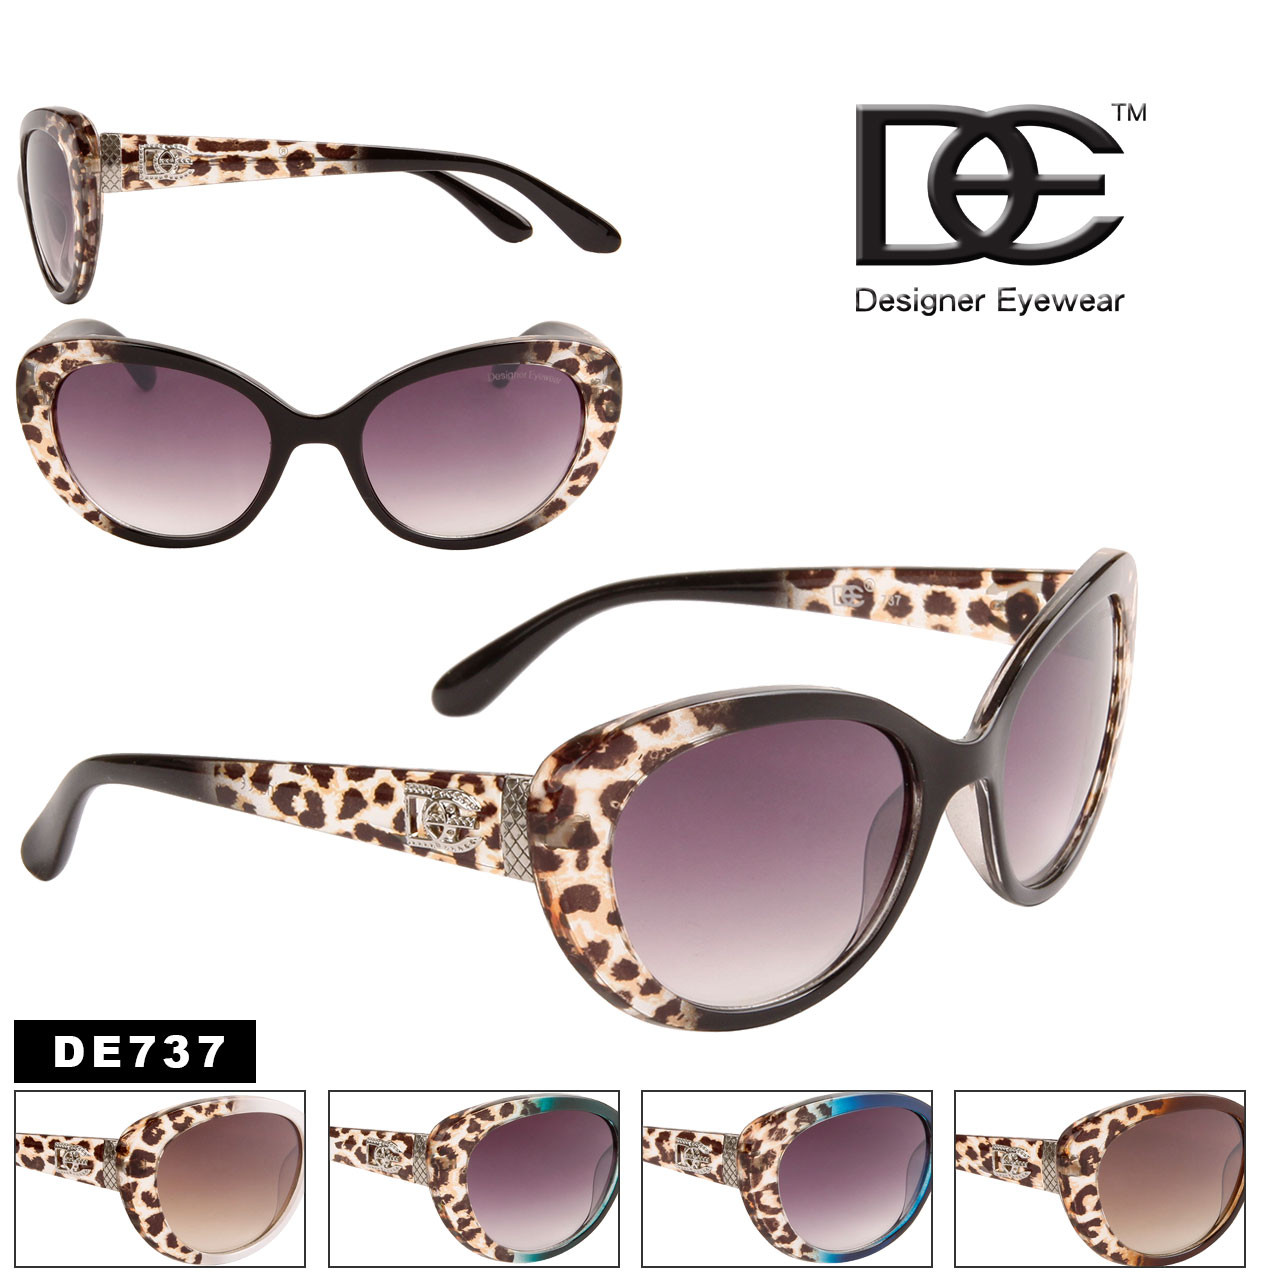 Wholesale Vintage Cat Eye Sunglasses - Style #DE737 (Assorted Colors) (12 pcs.)